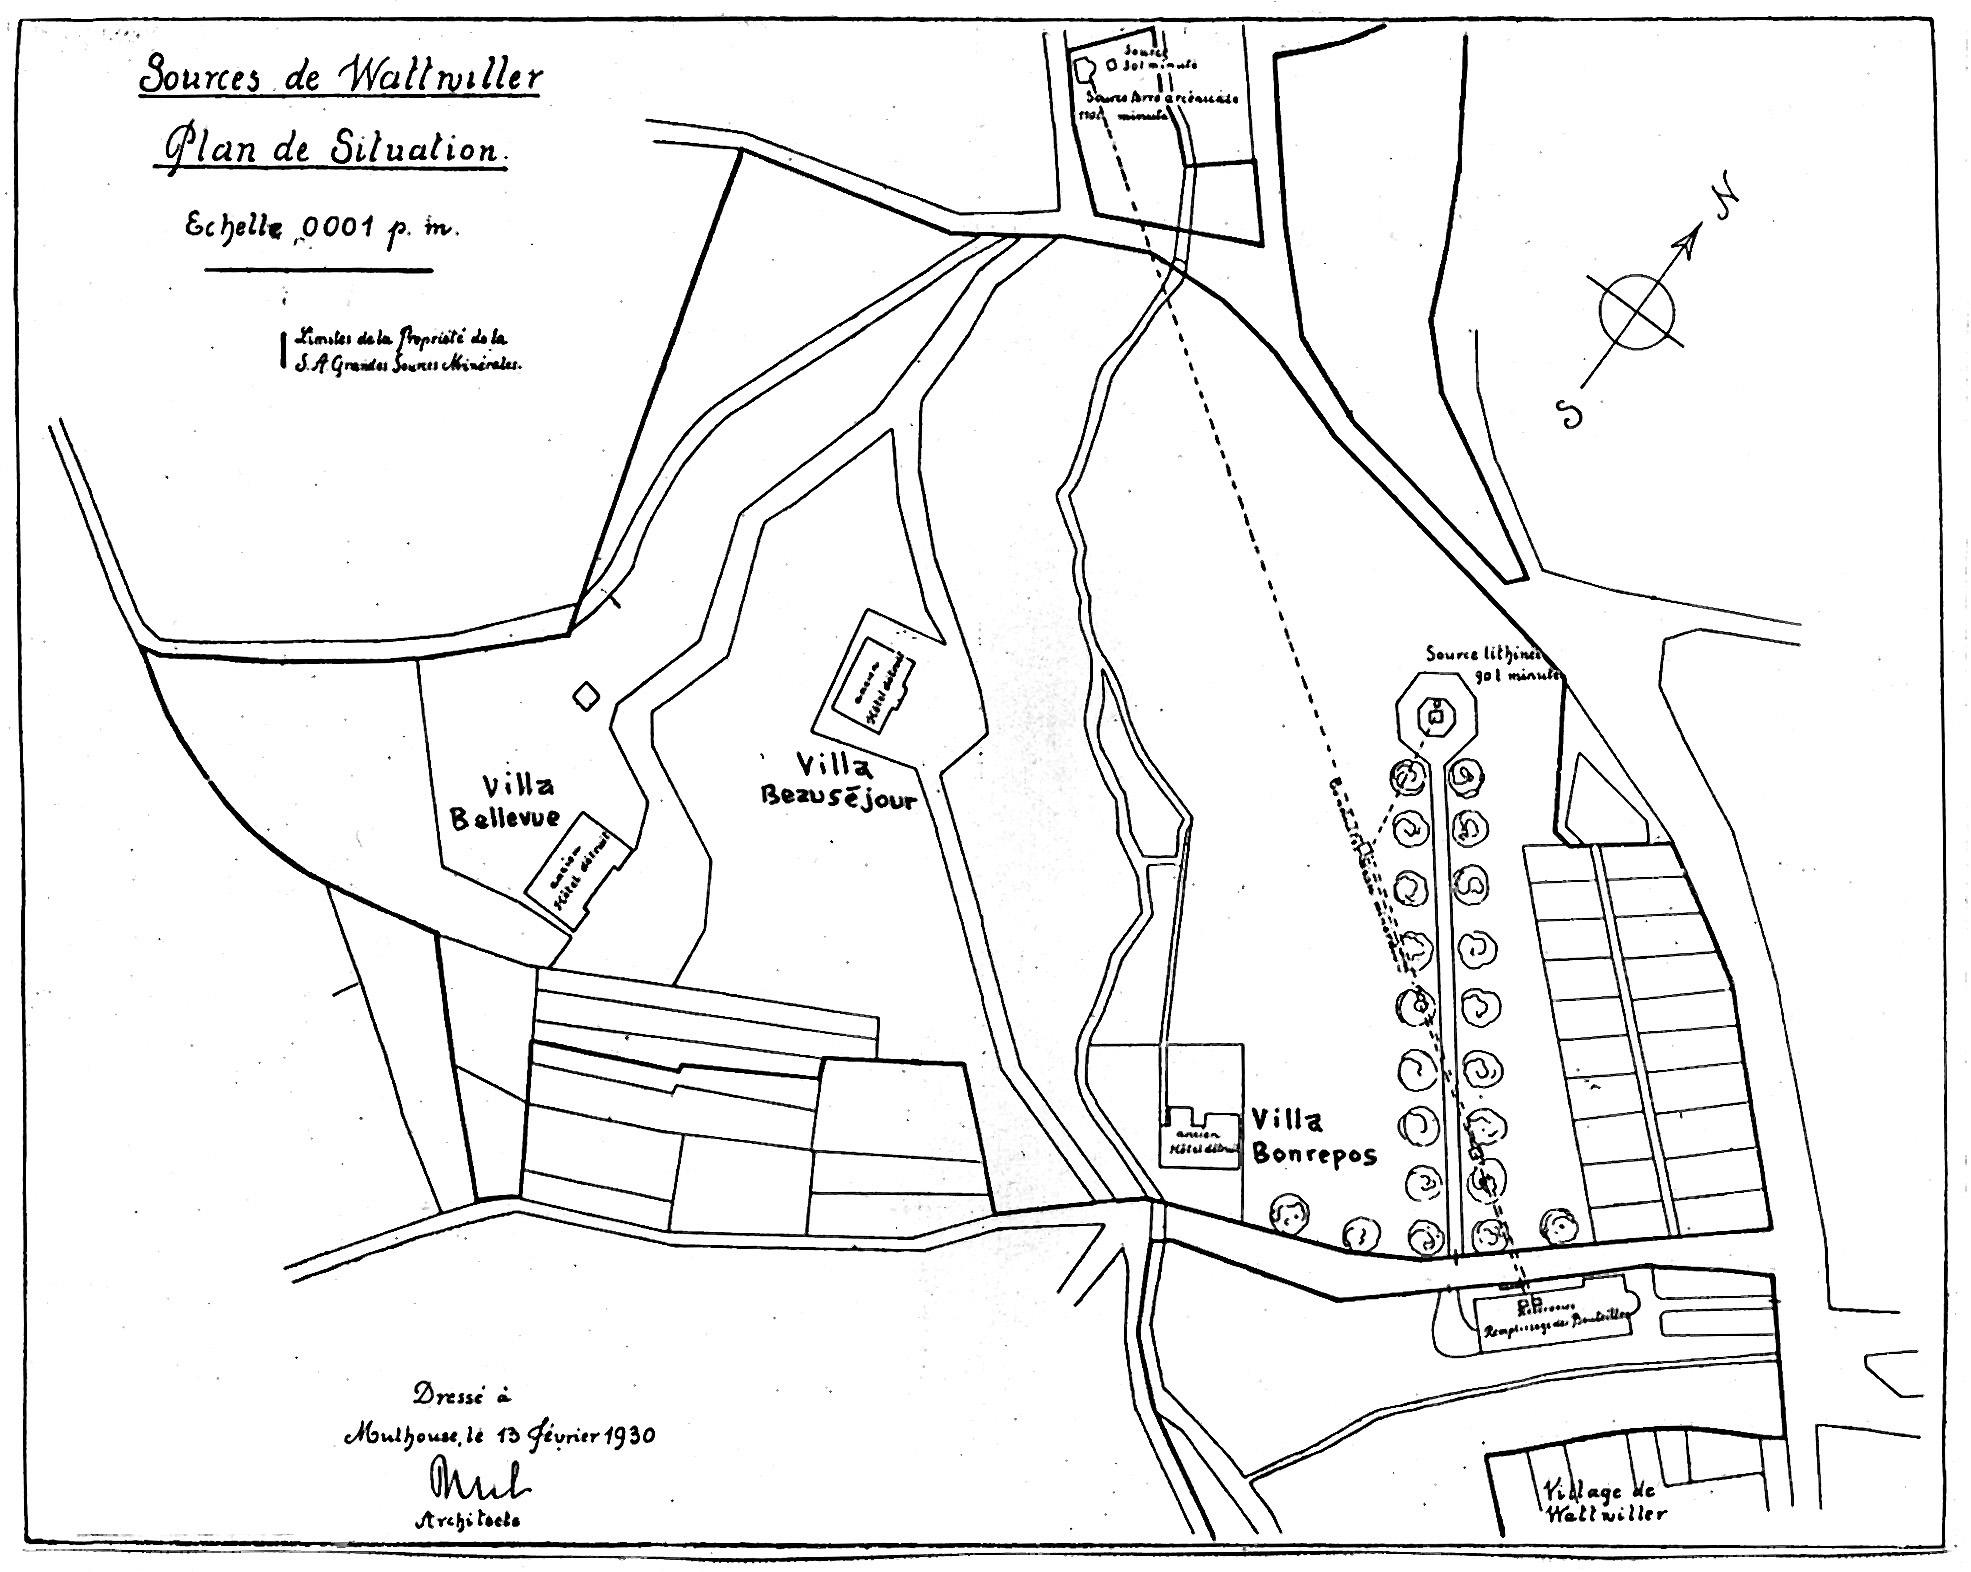 1930 - Sources de Wattwiller.jpg